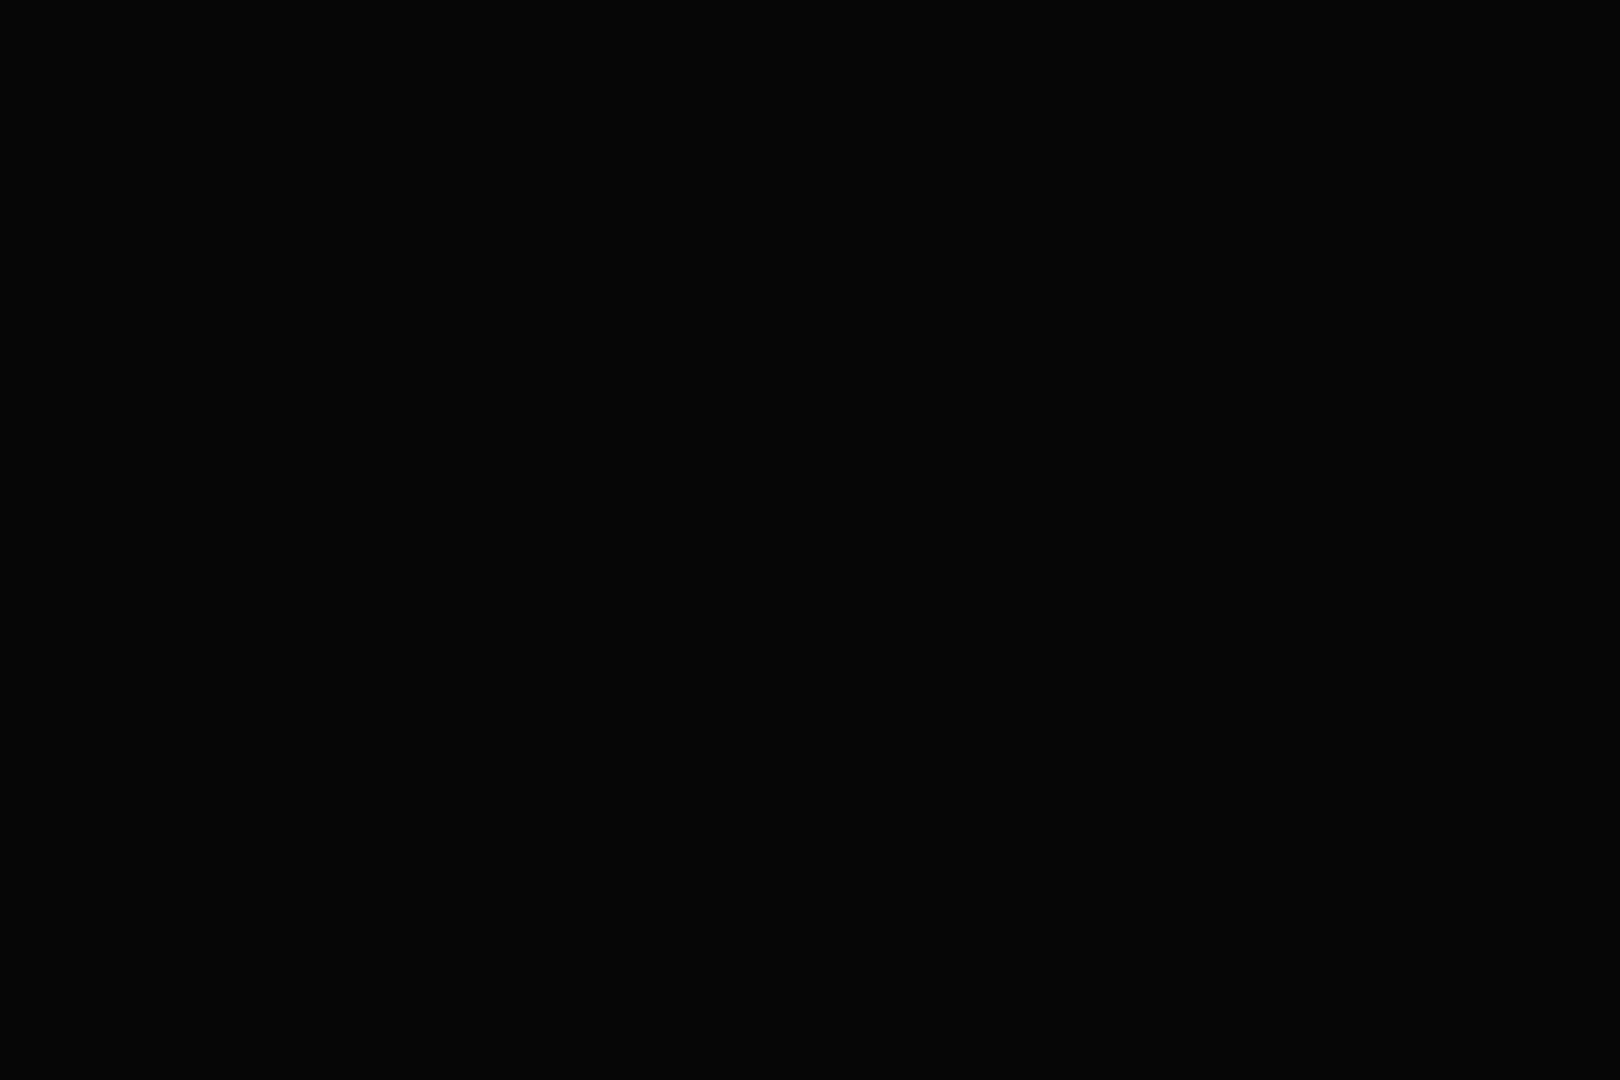 充血監督の深夜の運動会Vol.154 OL  99枚 62